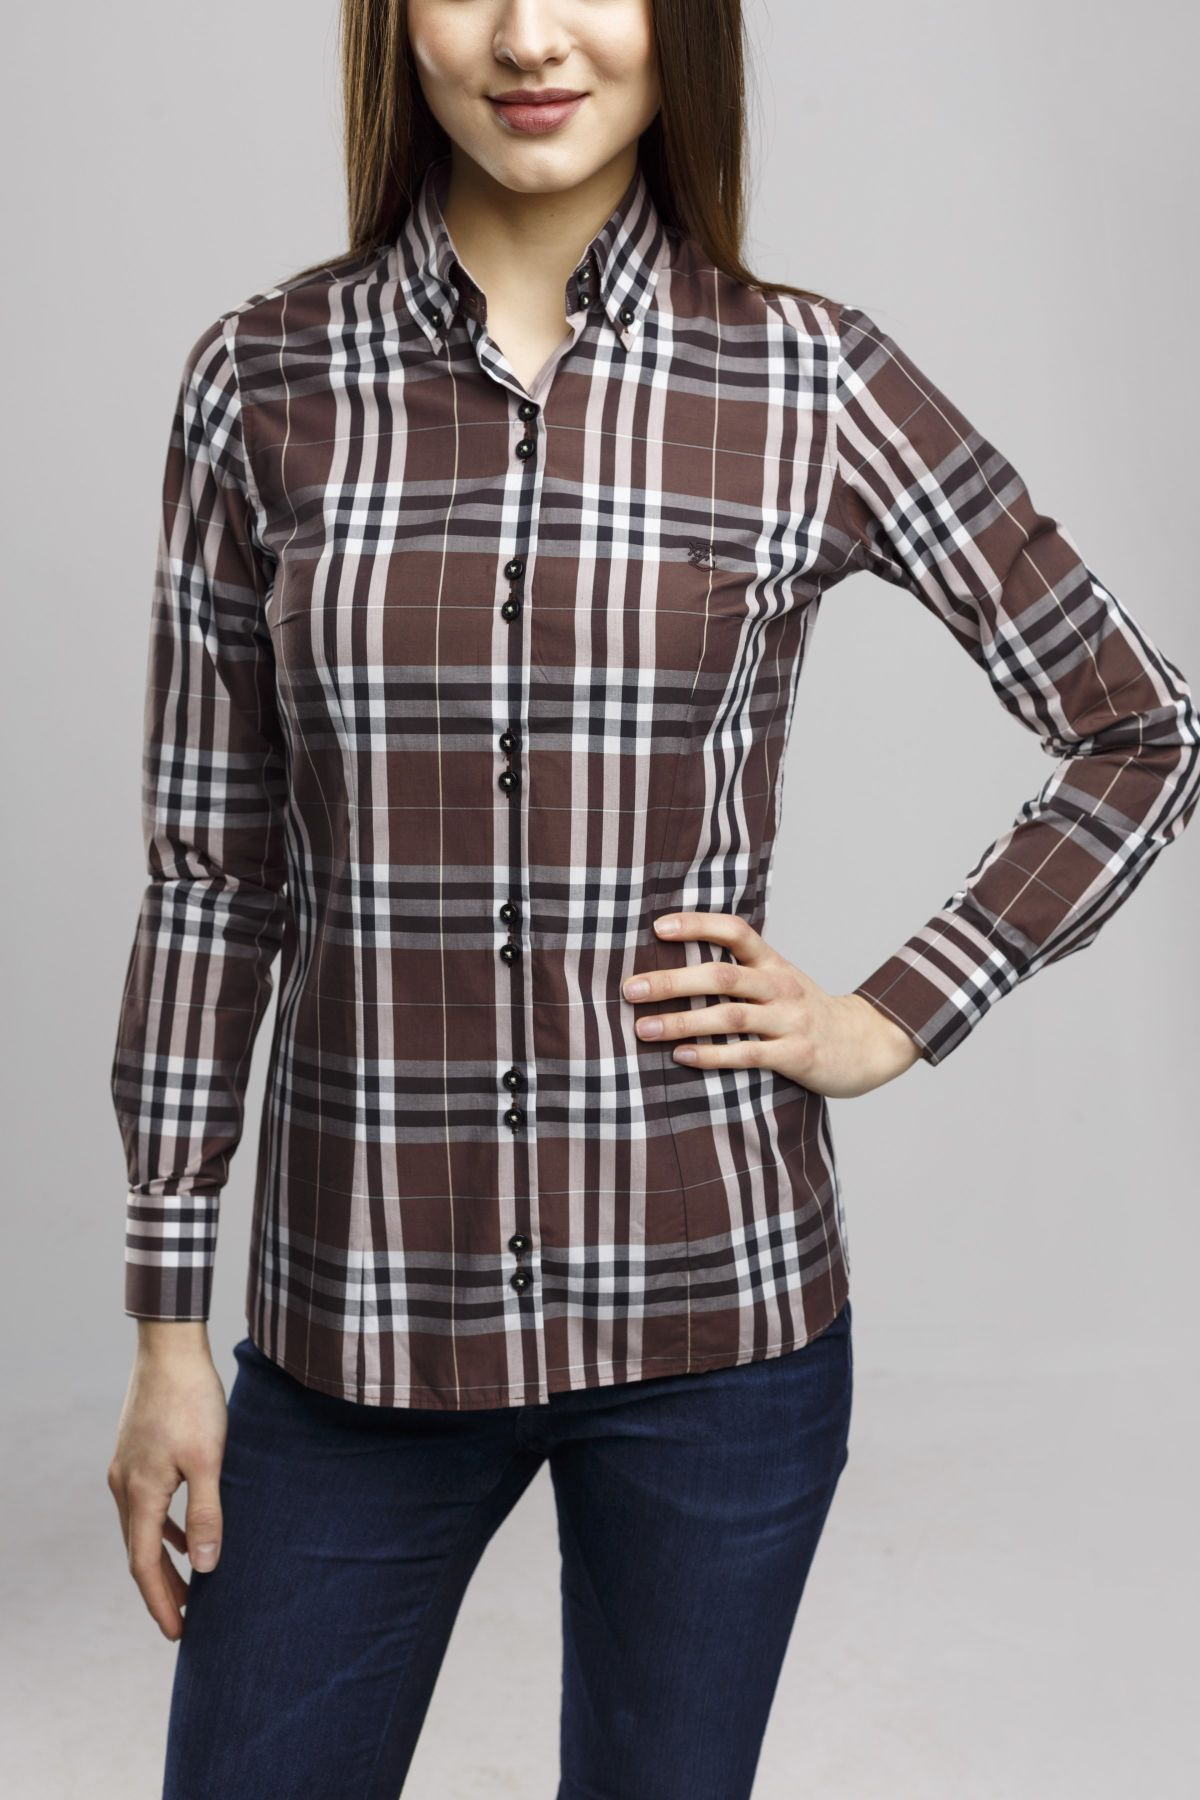 Купити жіночі сорочки Franttini у Києві з доставкою по Україні 4692428c48670